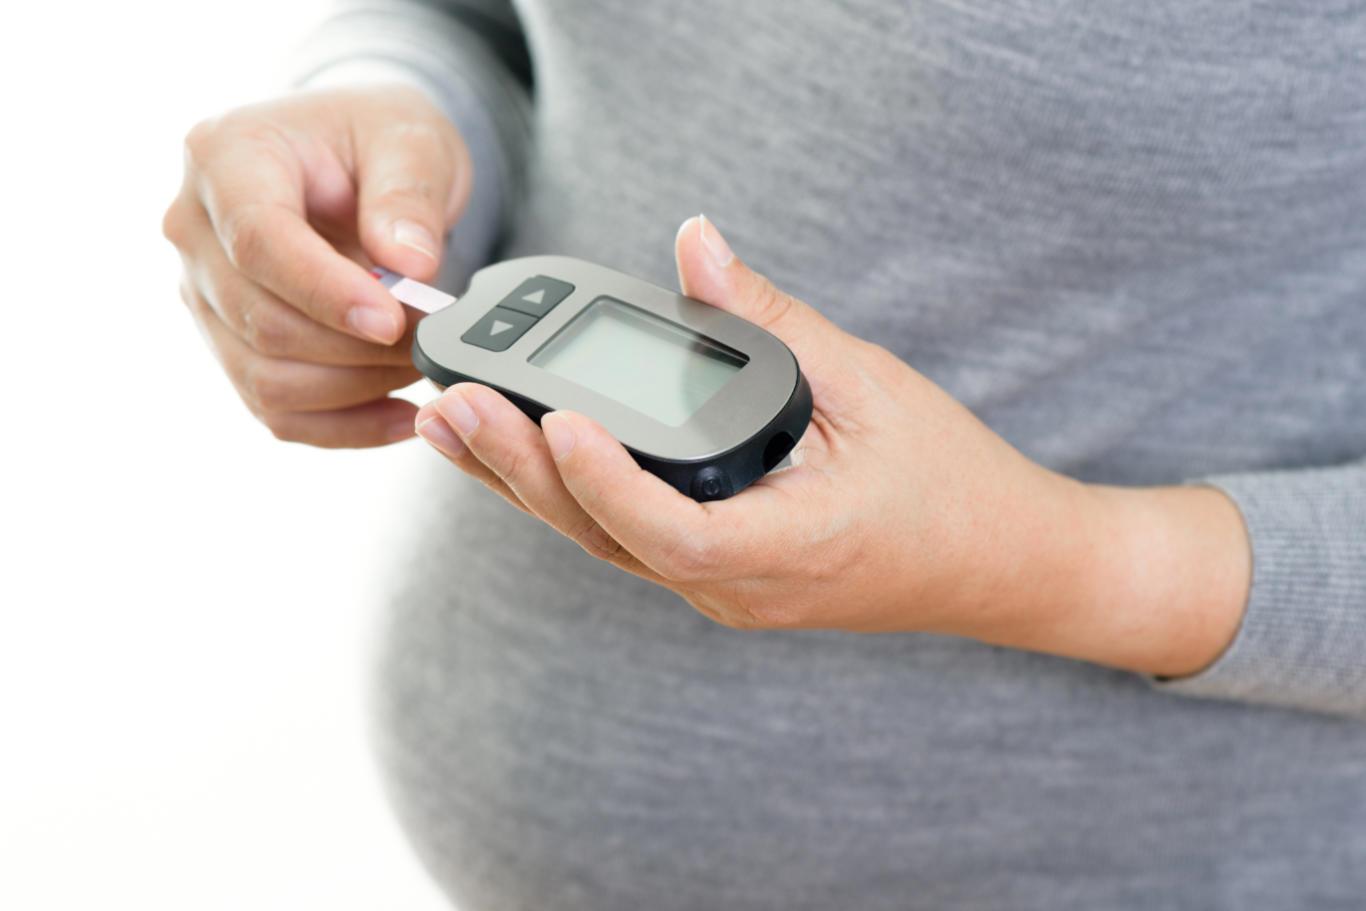 معمولا بیماری دیابت بارداری موقتی است و تاثیری برروی فرزند ندارد